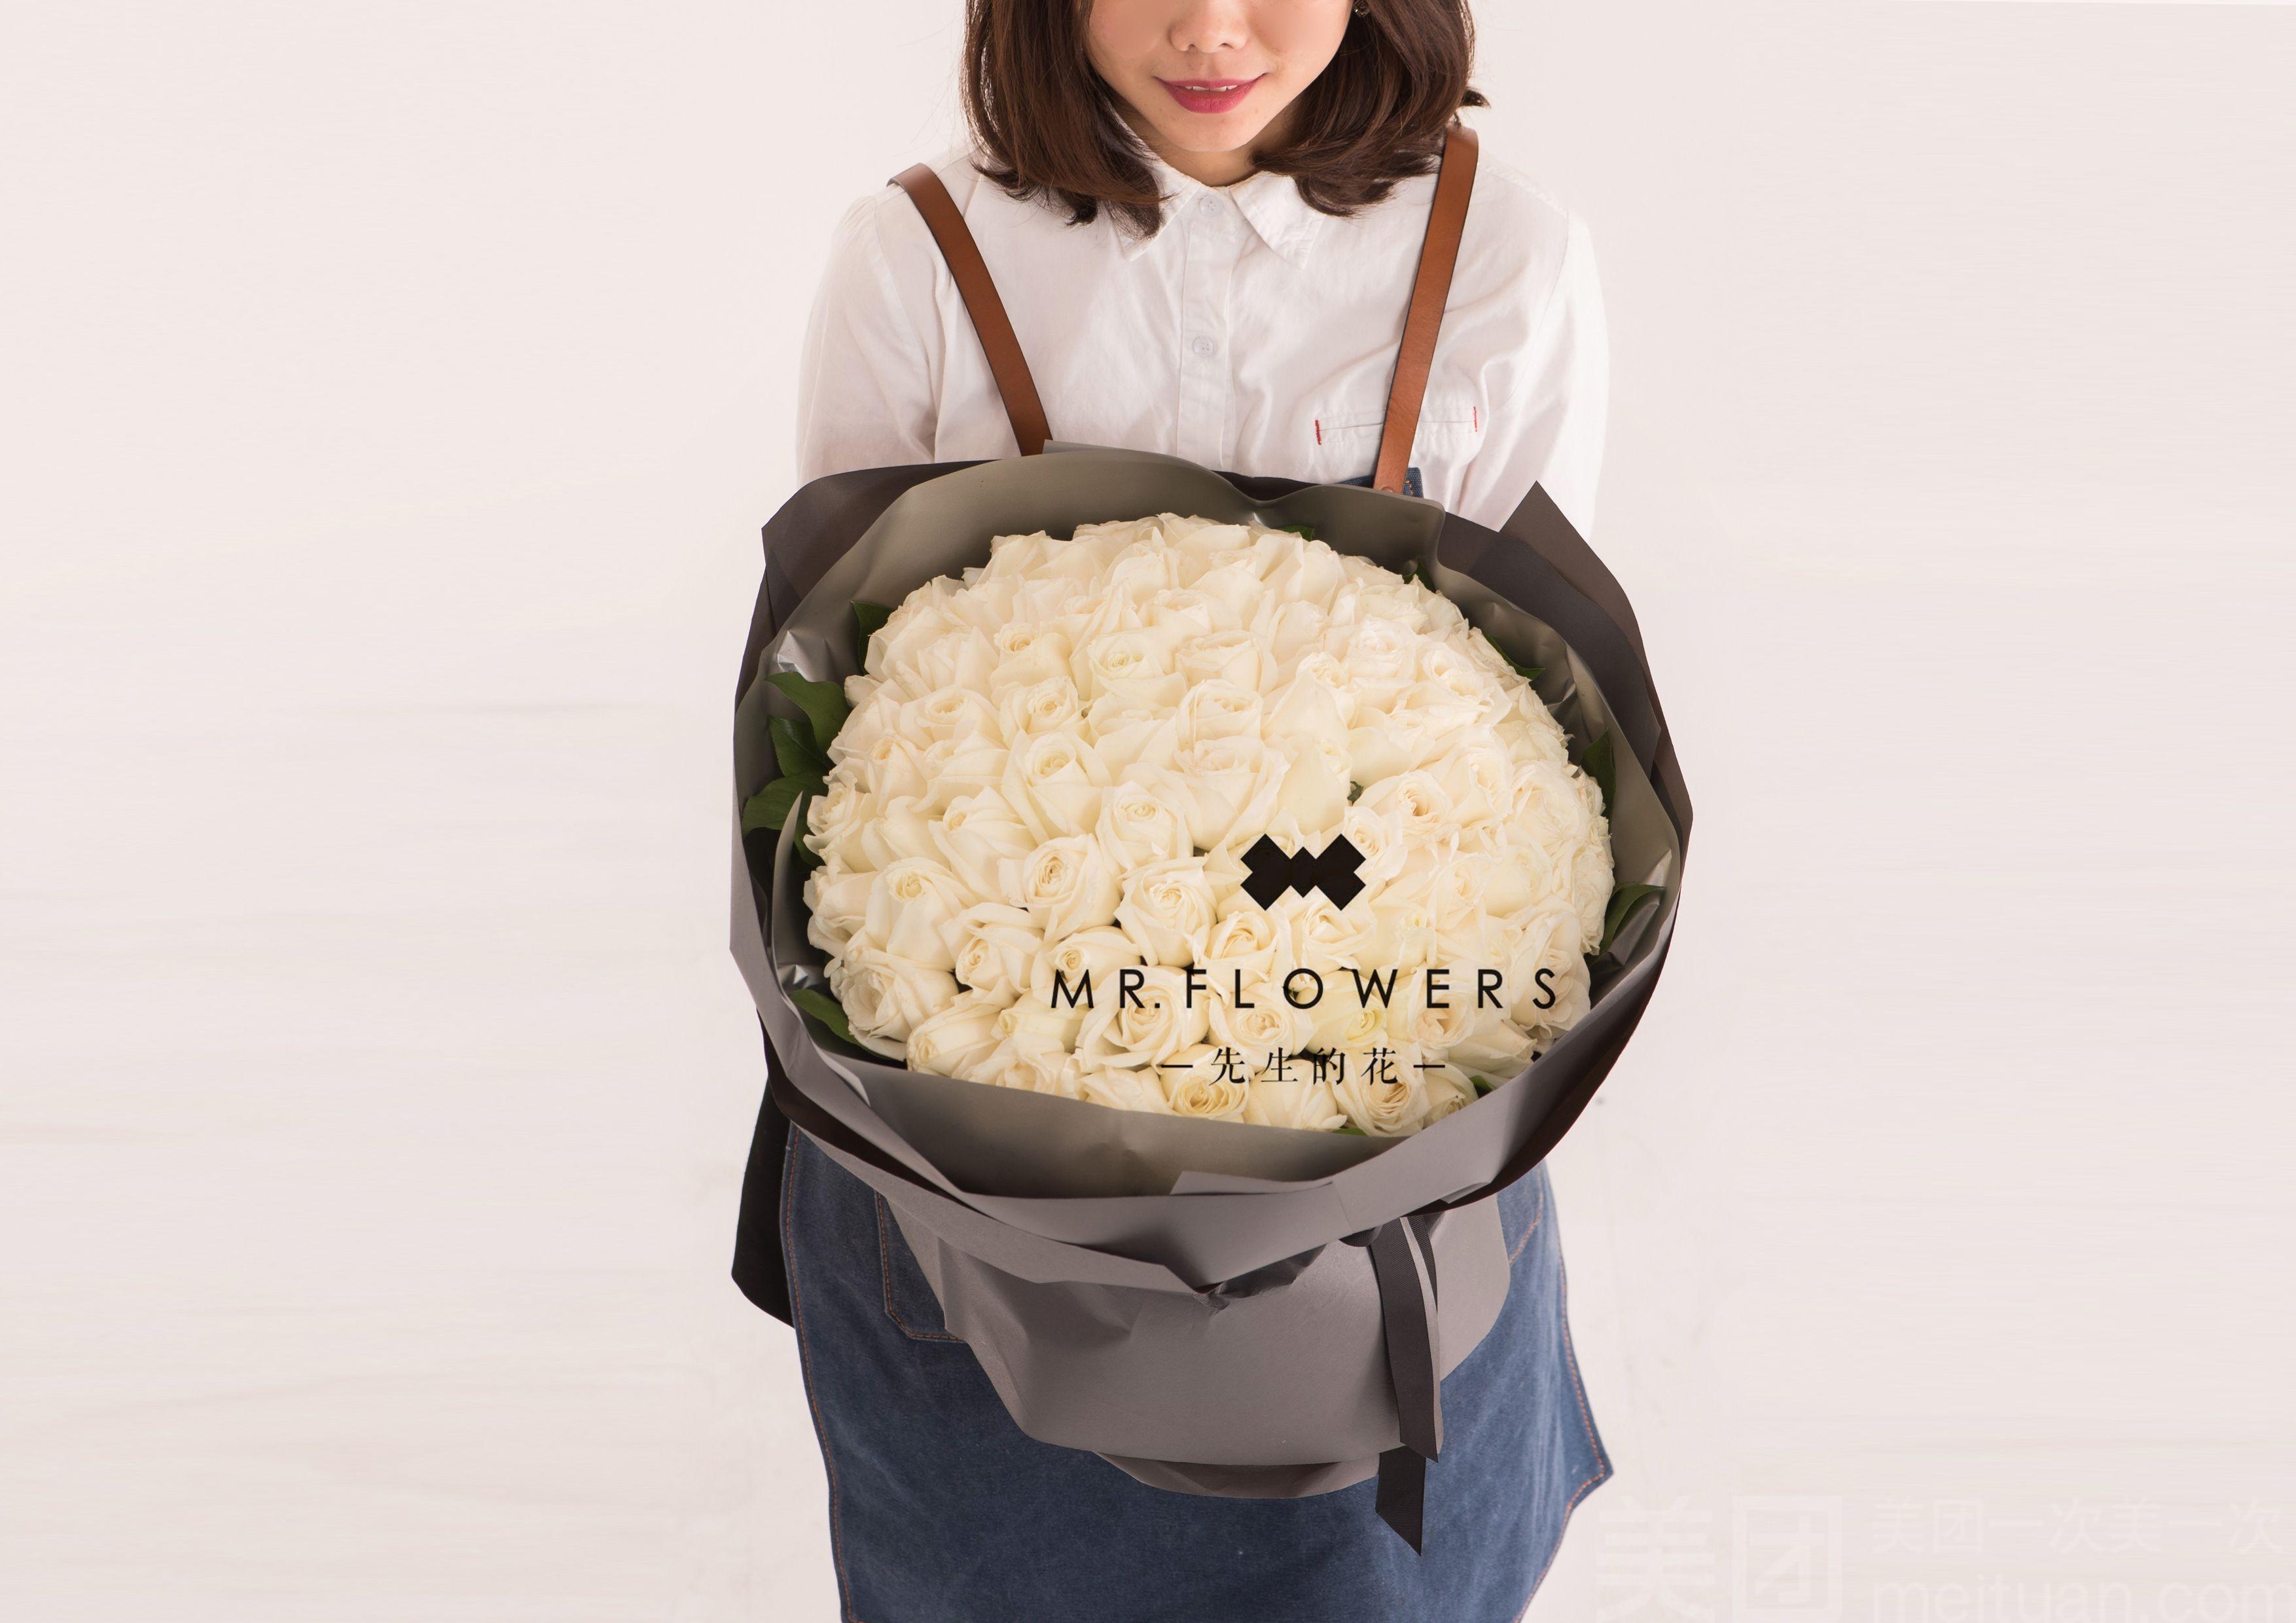 先生的花MR.FLOWERS(八佰伴店)-美团